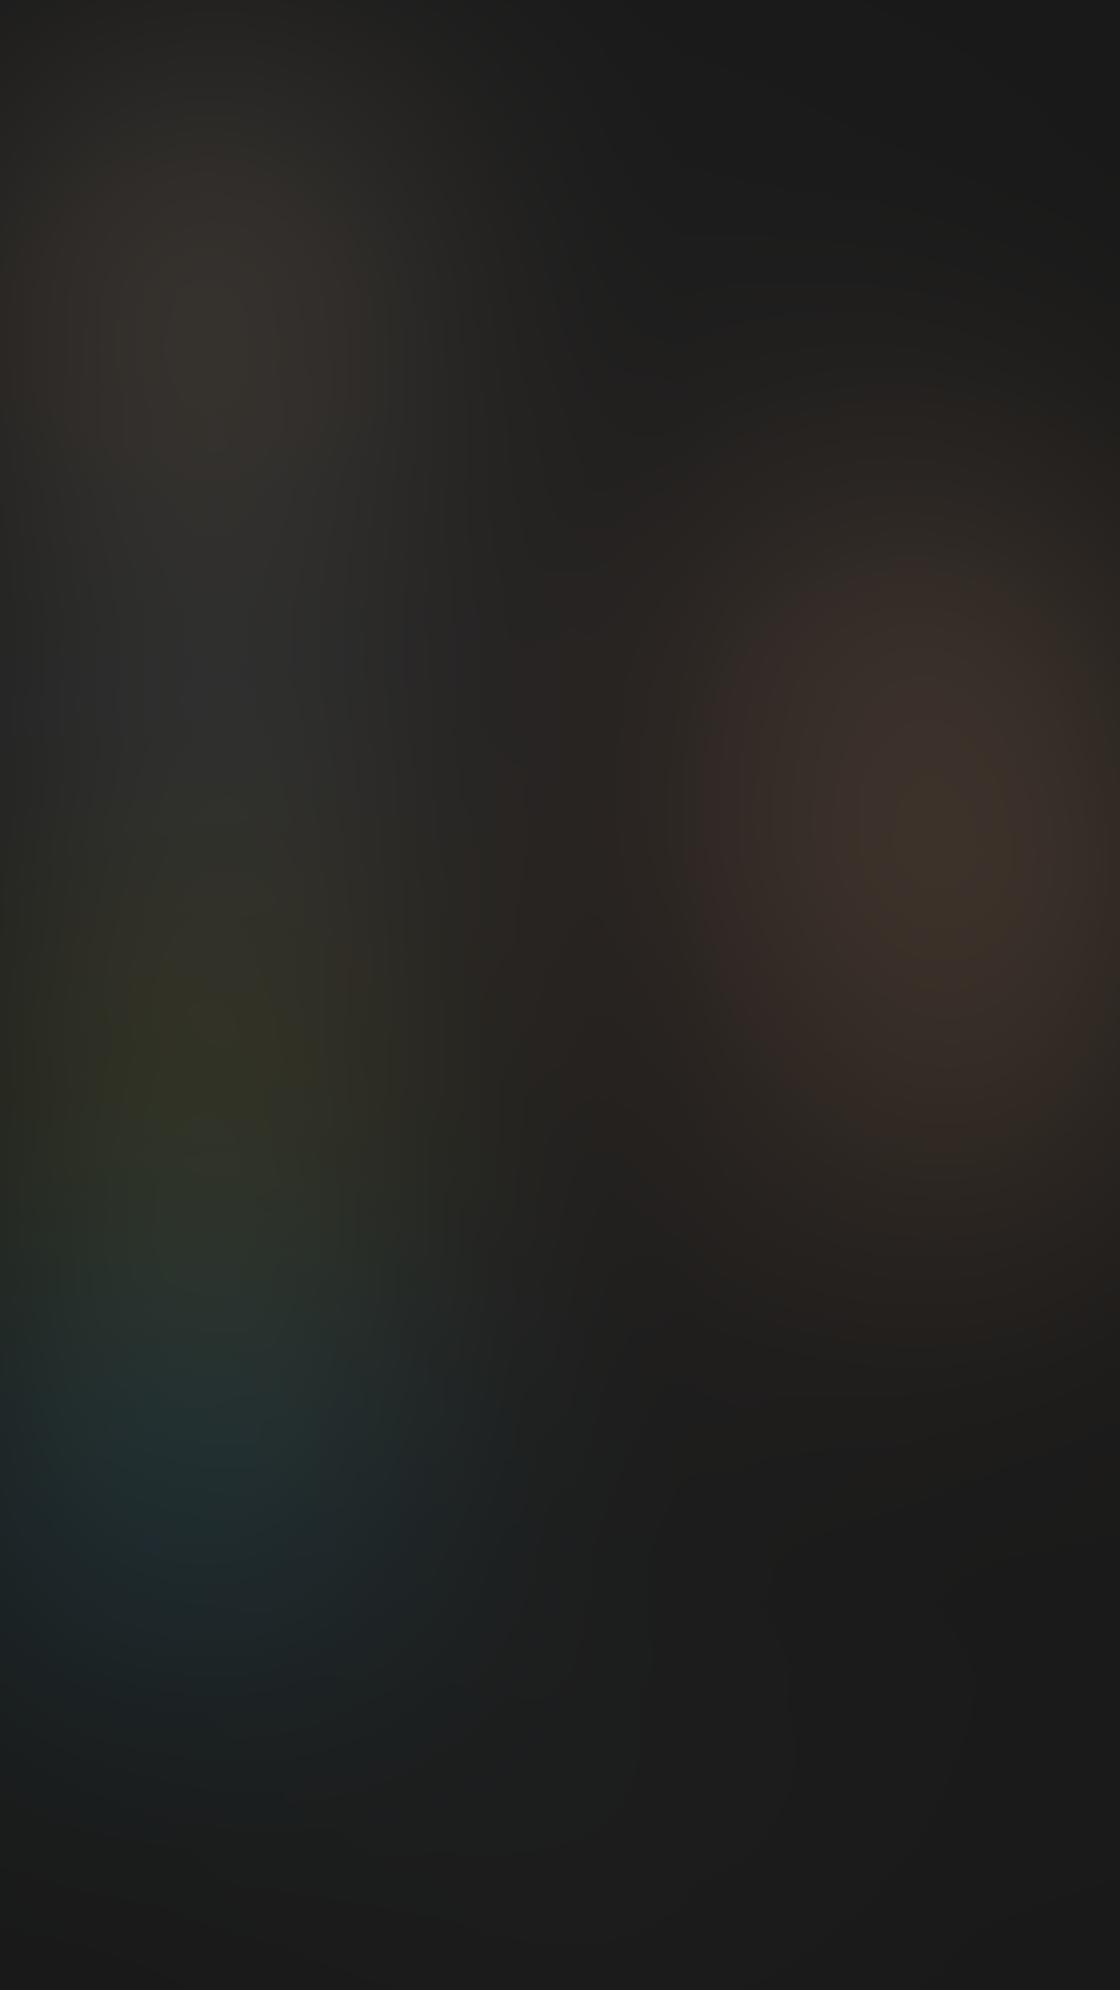 iPhone Lightroom App 10